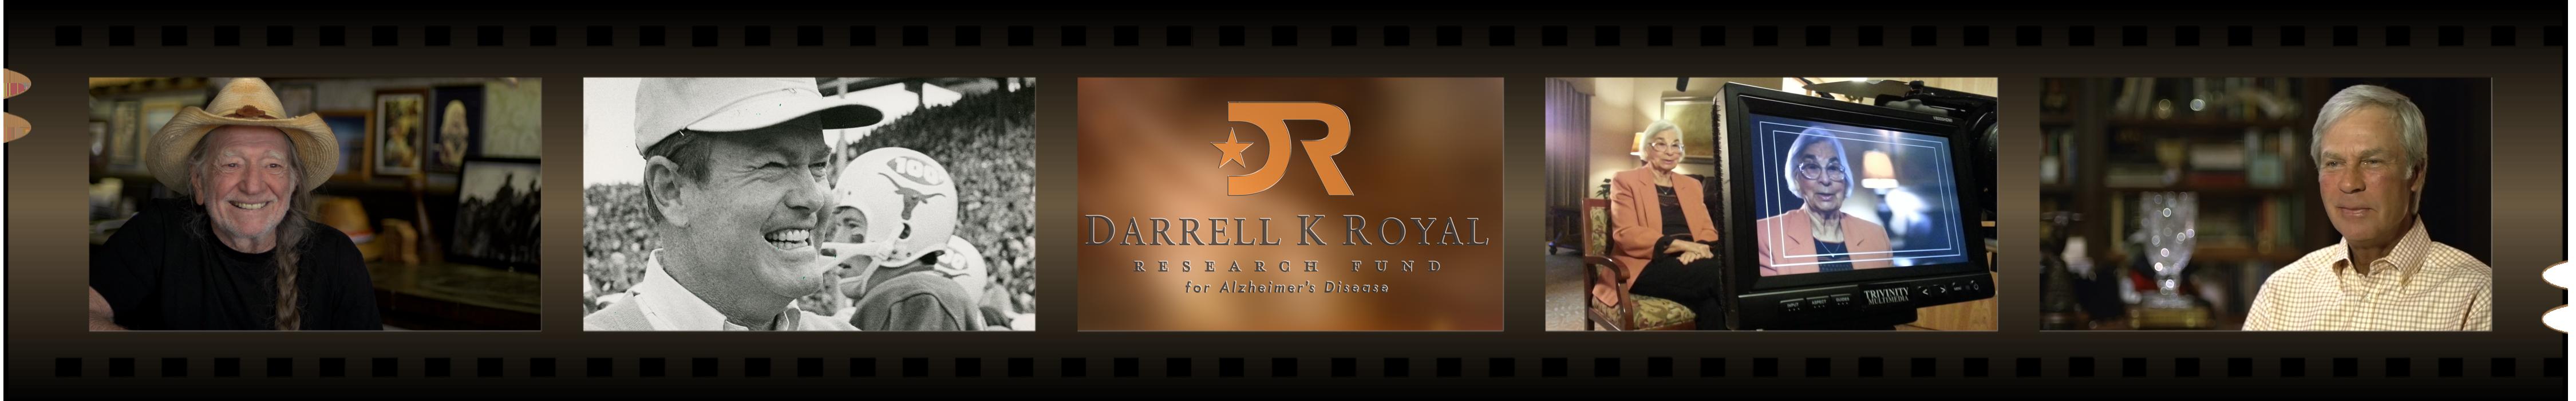 DKR-Filmstrip